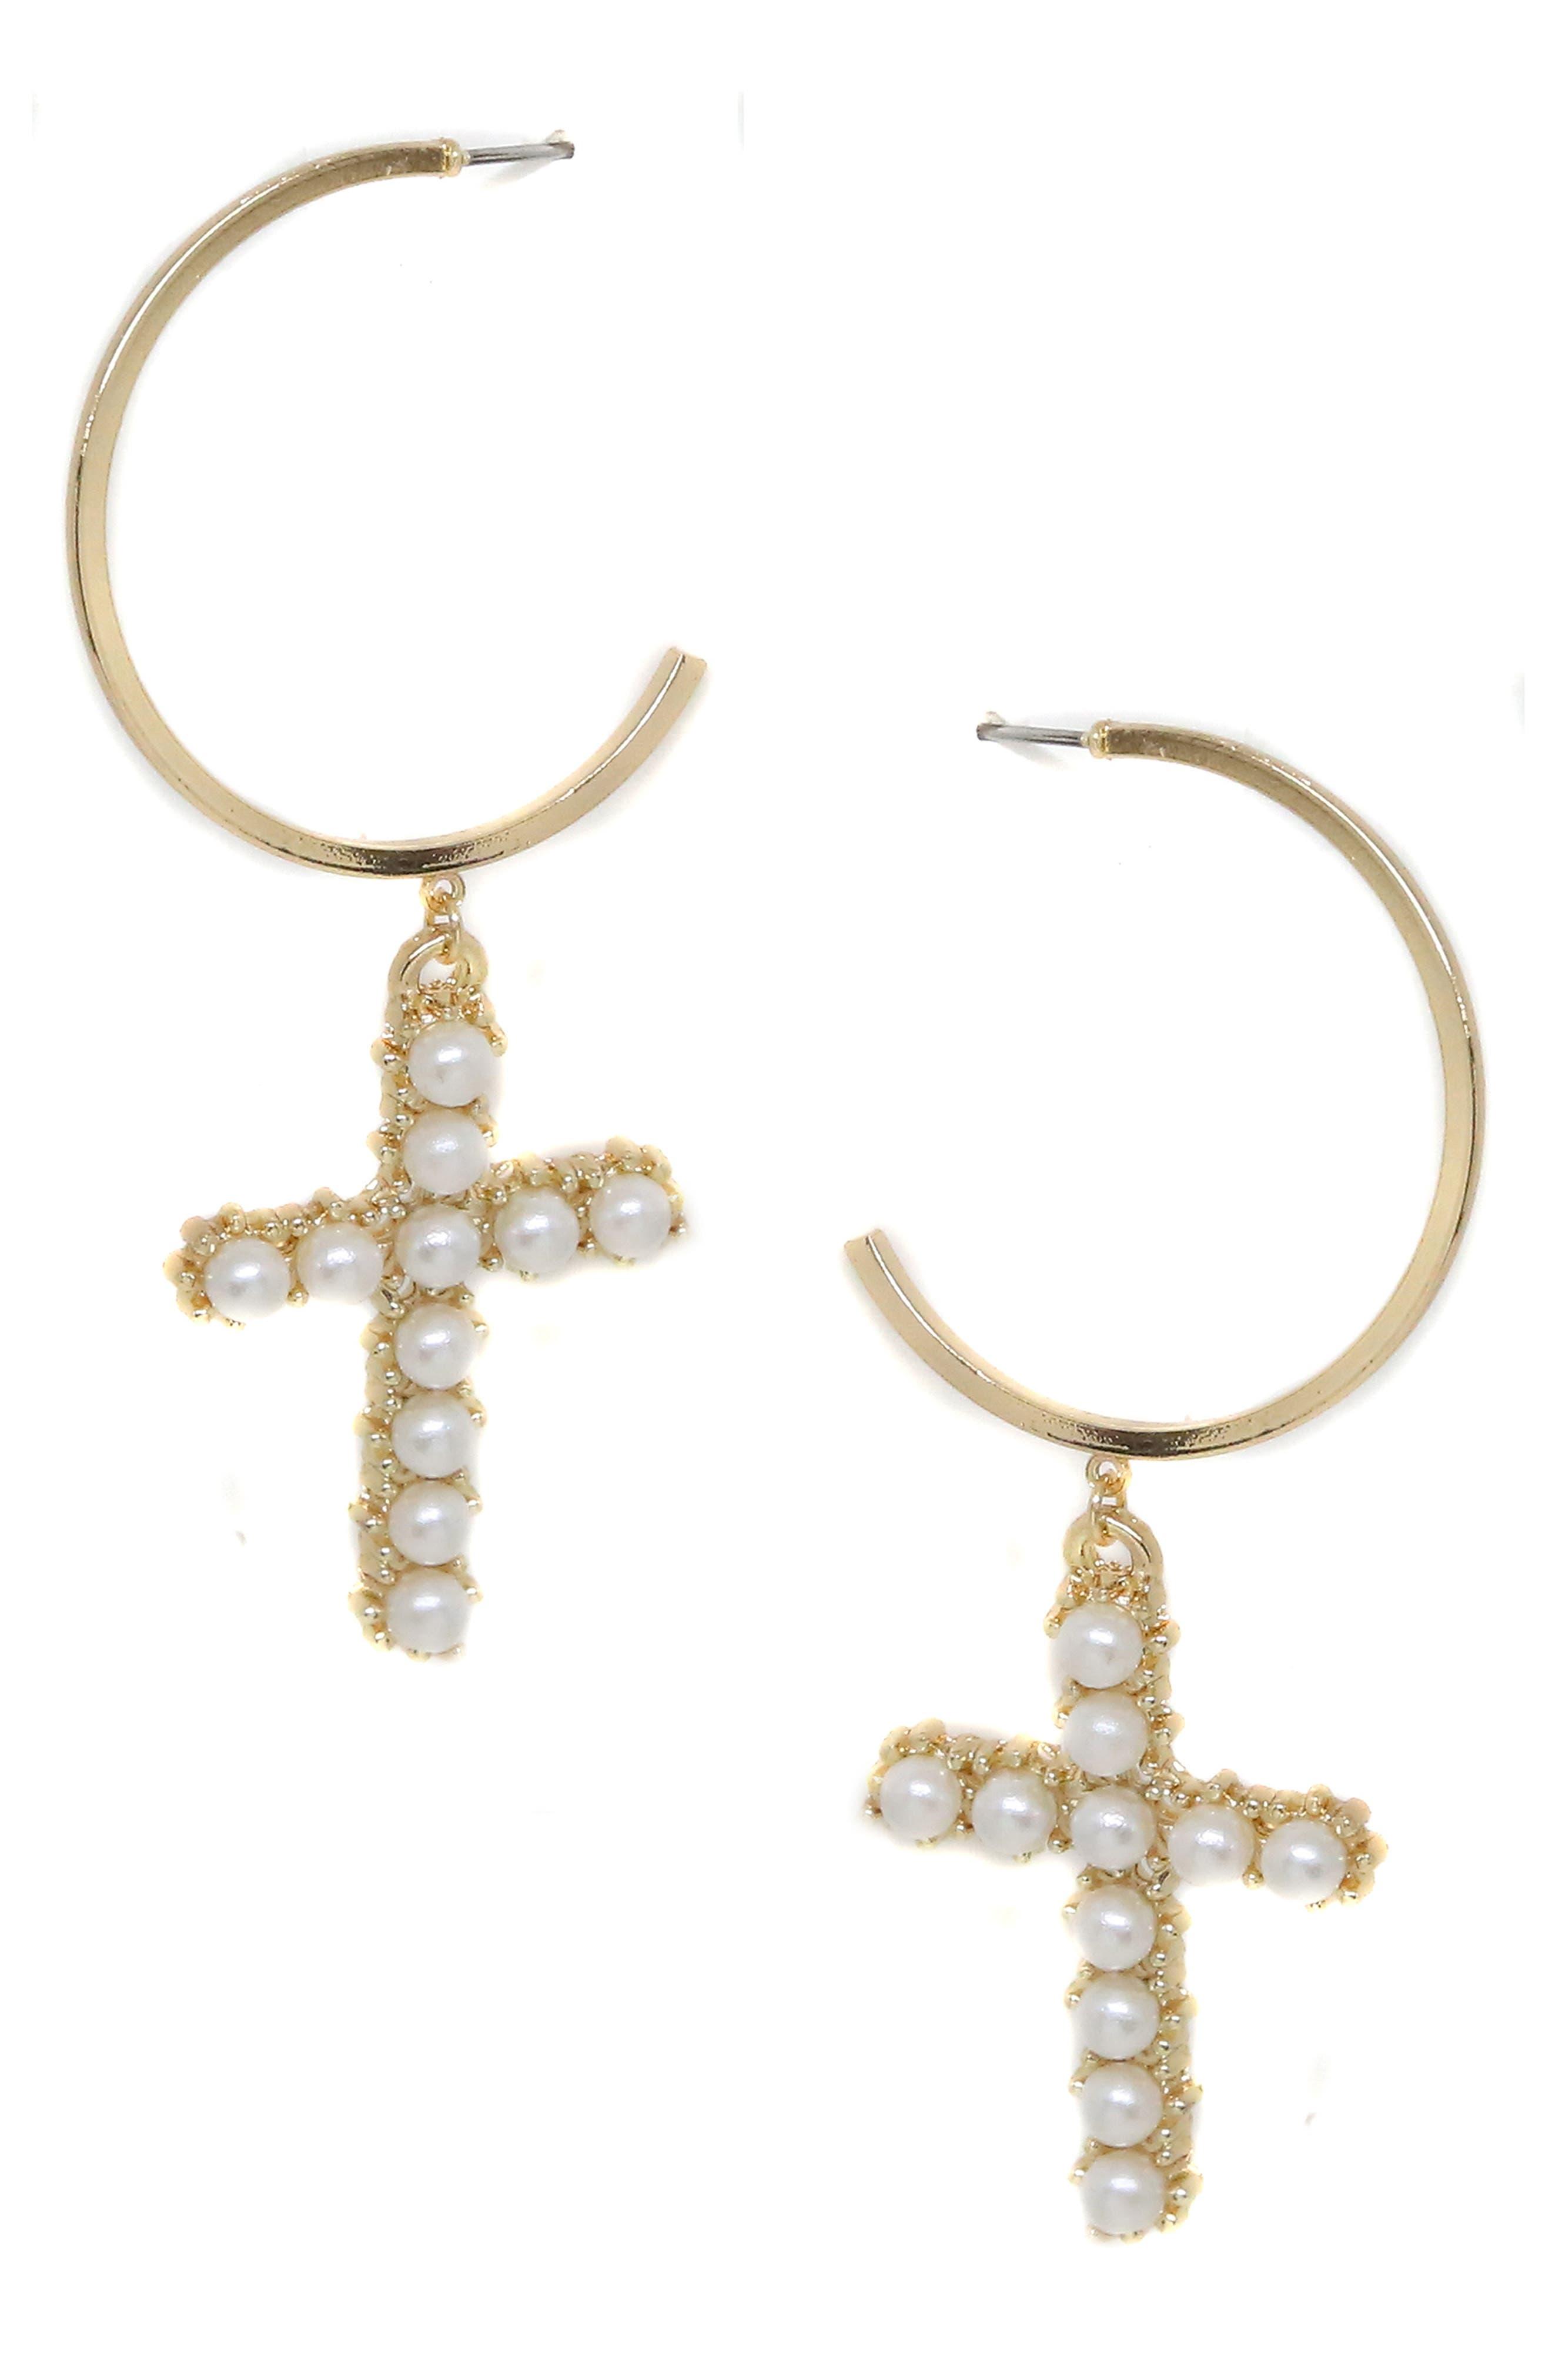 ETTIKA Imitation Pearl Cross & Hoop Earrings in Gold